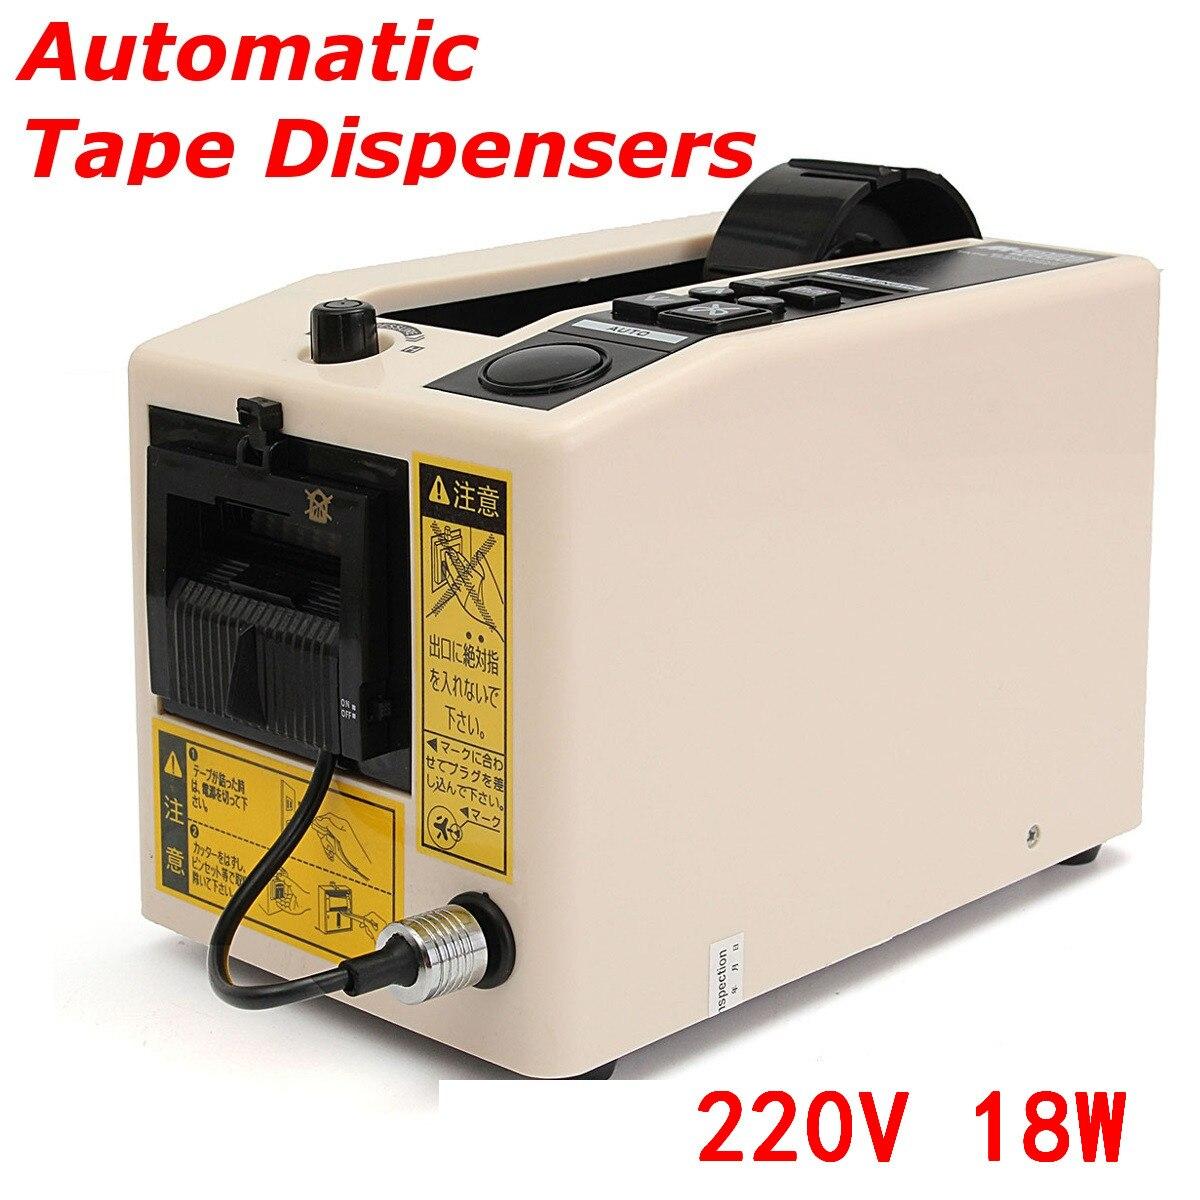 220 V 18 W distributeurs de ruban automatique électrique adhésif coupe-ruban Machine d'emballage ruban outil de découpe équipement de bureau